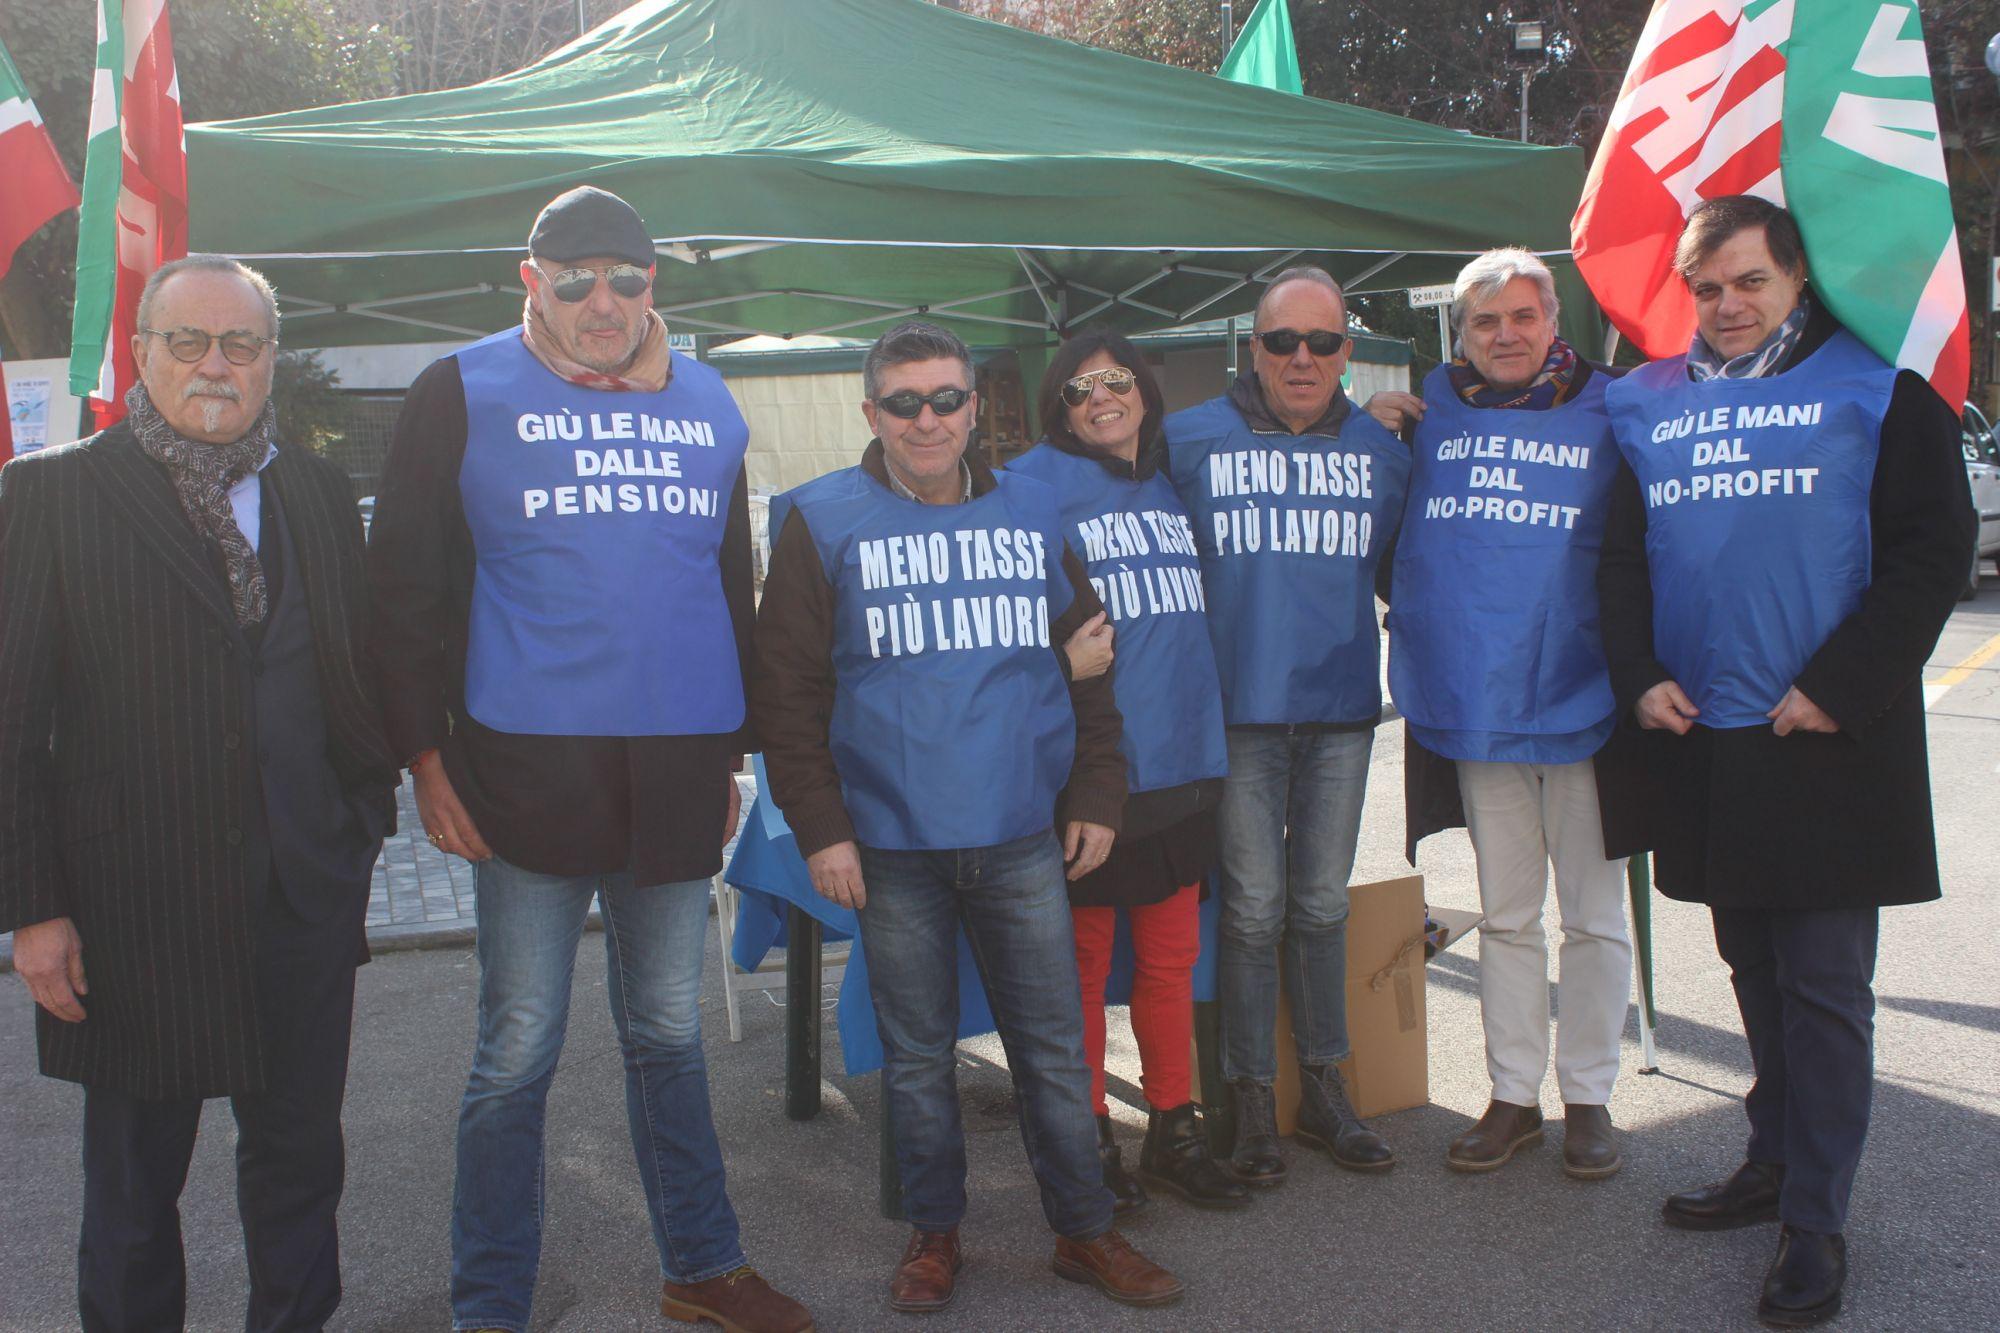 Tasse: 25 anni di Forza Italia, gazebo a Tonfano e gilet-blu contro Governo